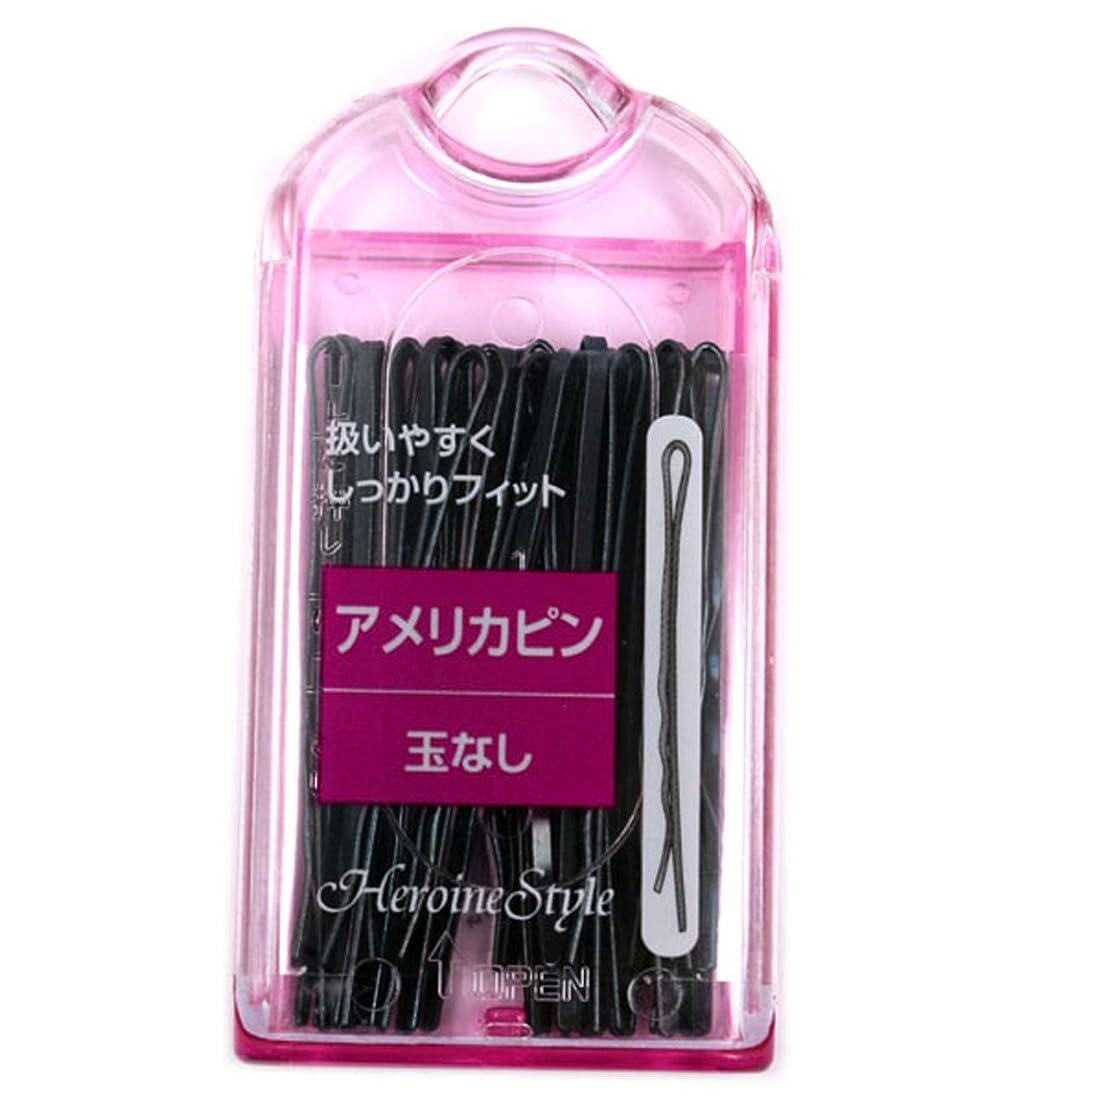 店主短命溢れんばかりのヘアメイクセットヘアピン(アメリカピン)【B33-B201】